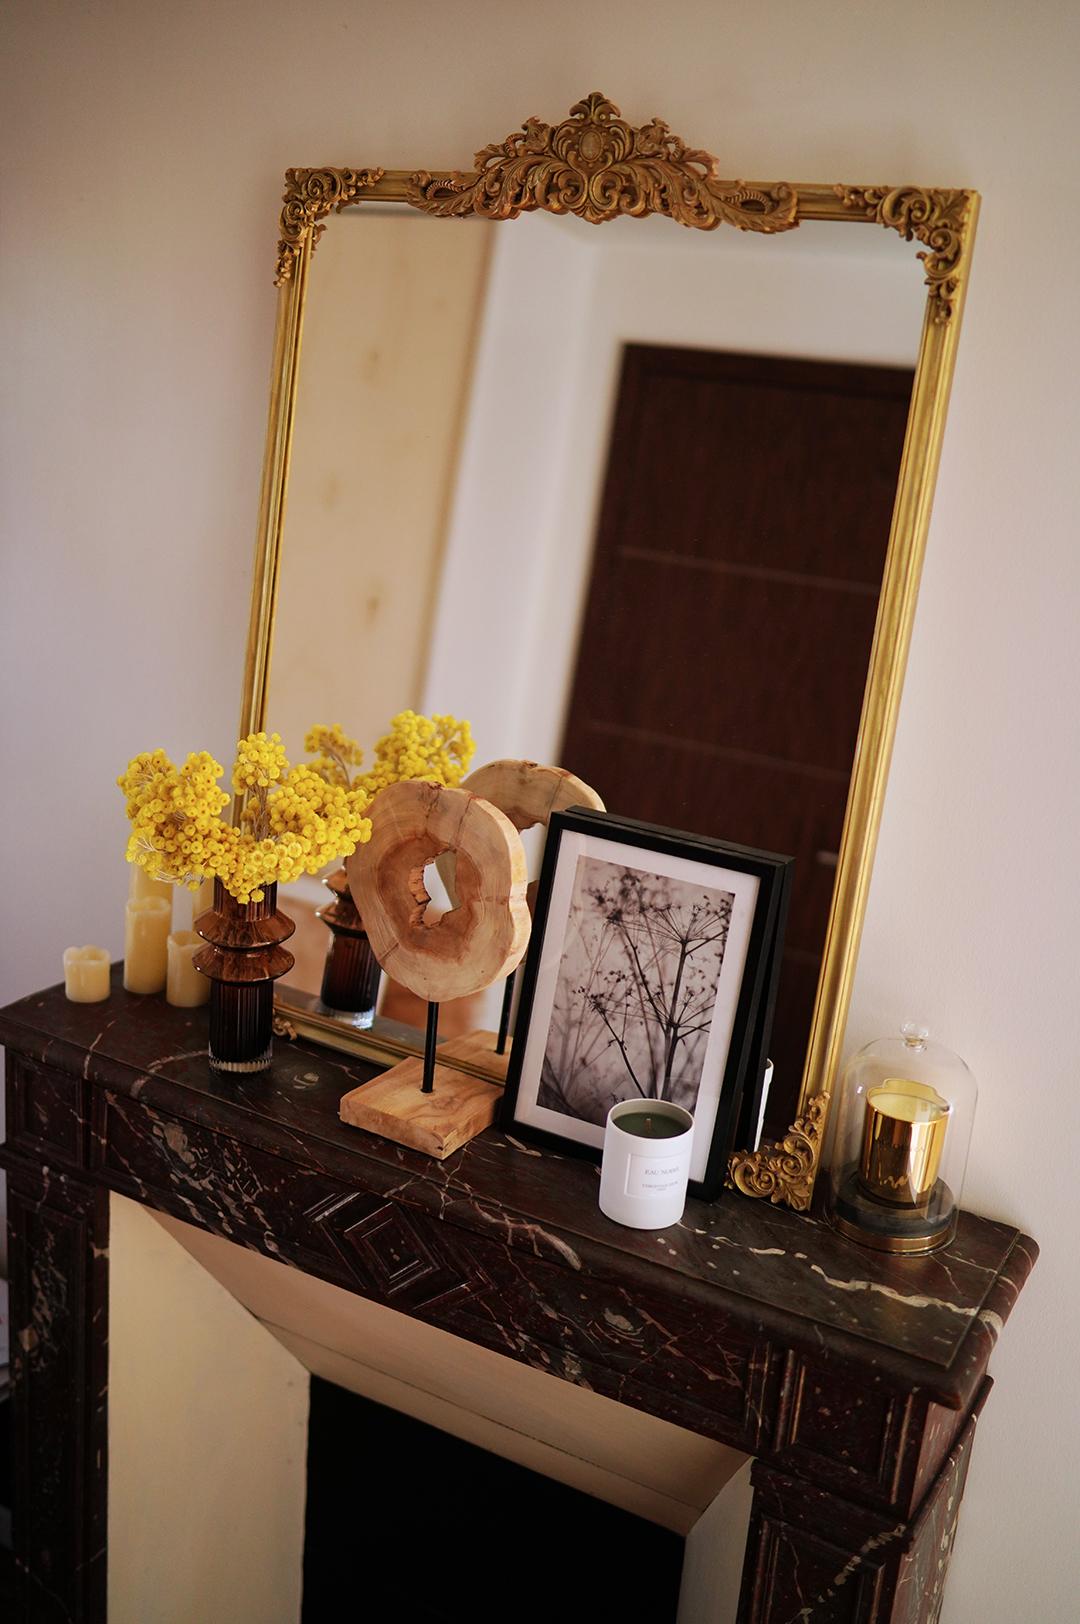 Diy Mon Miroir Ancien Dore A Moulures Estelle Segura Blog Mode Influenceuse Mode Et Beaute